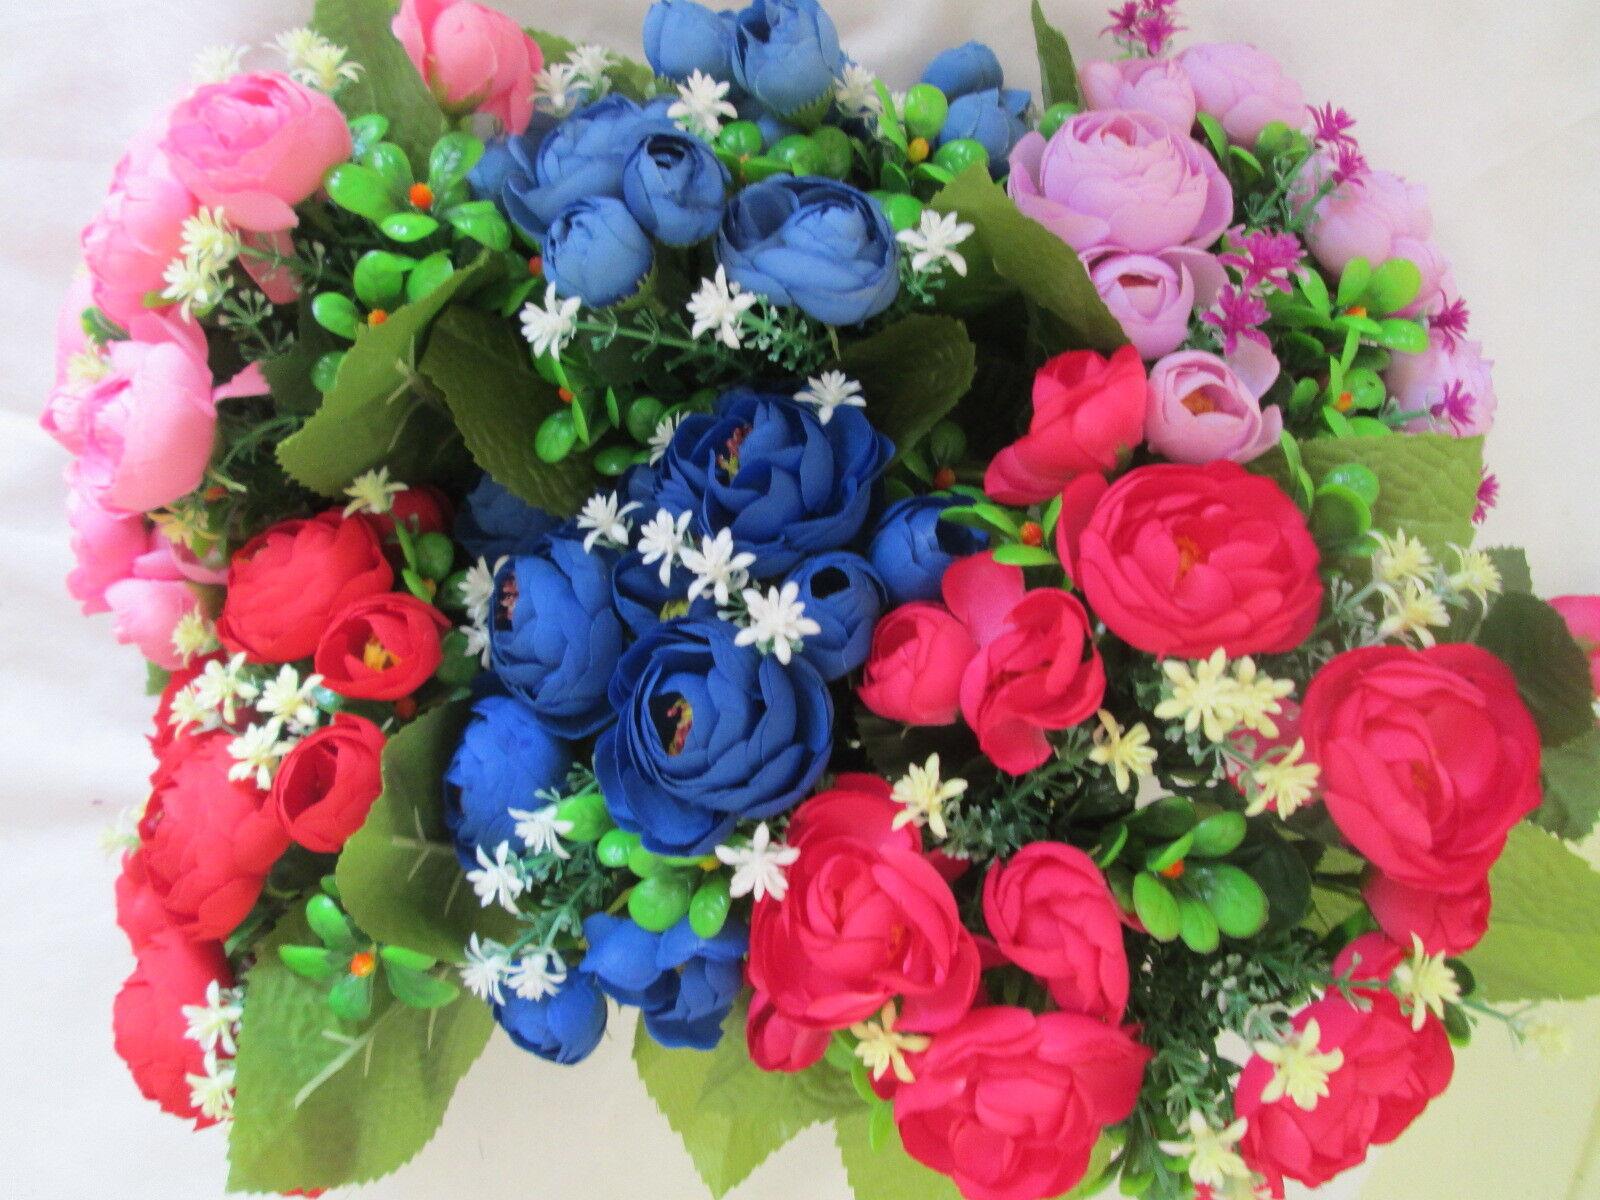 1 Kamelie Rosen Strauß 27x22cm Künstliche Kunst Blume Bouquet Seidenblume Flower